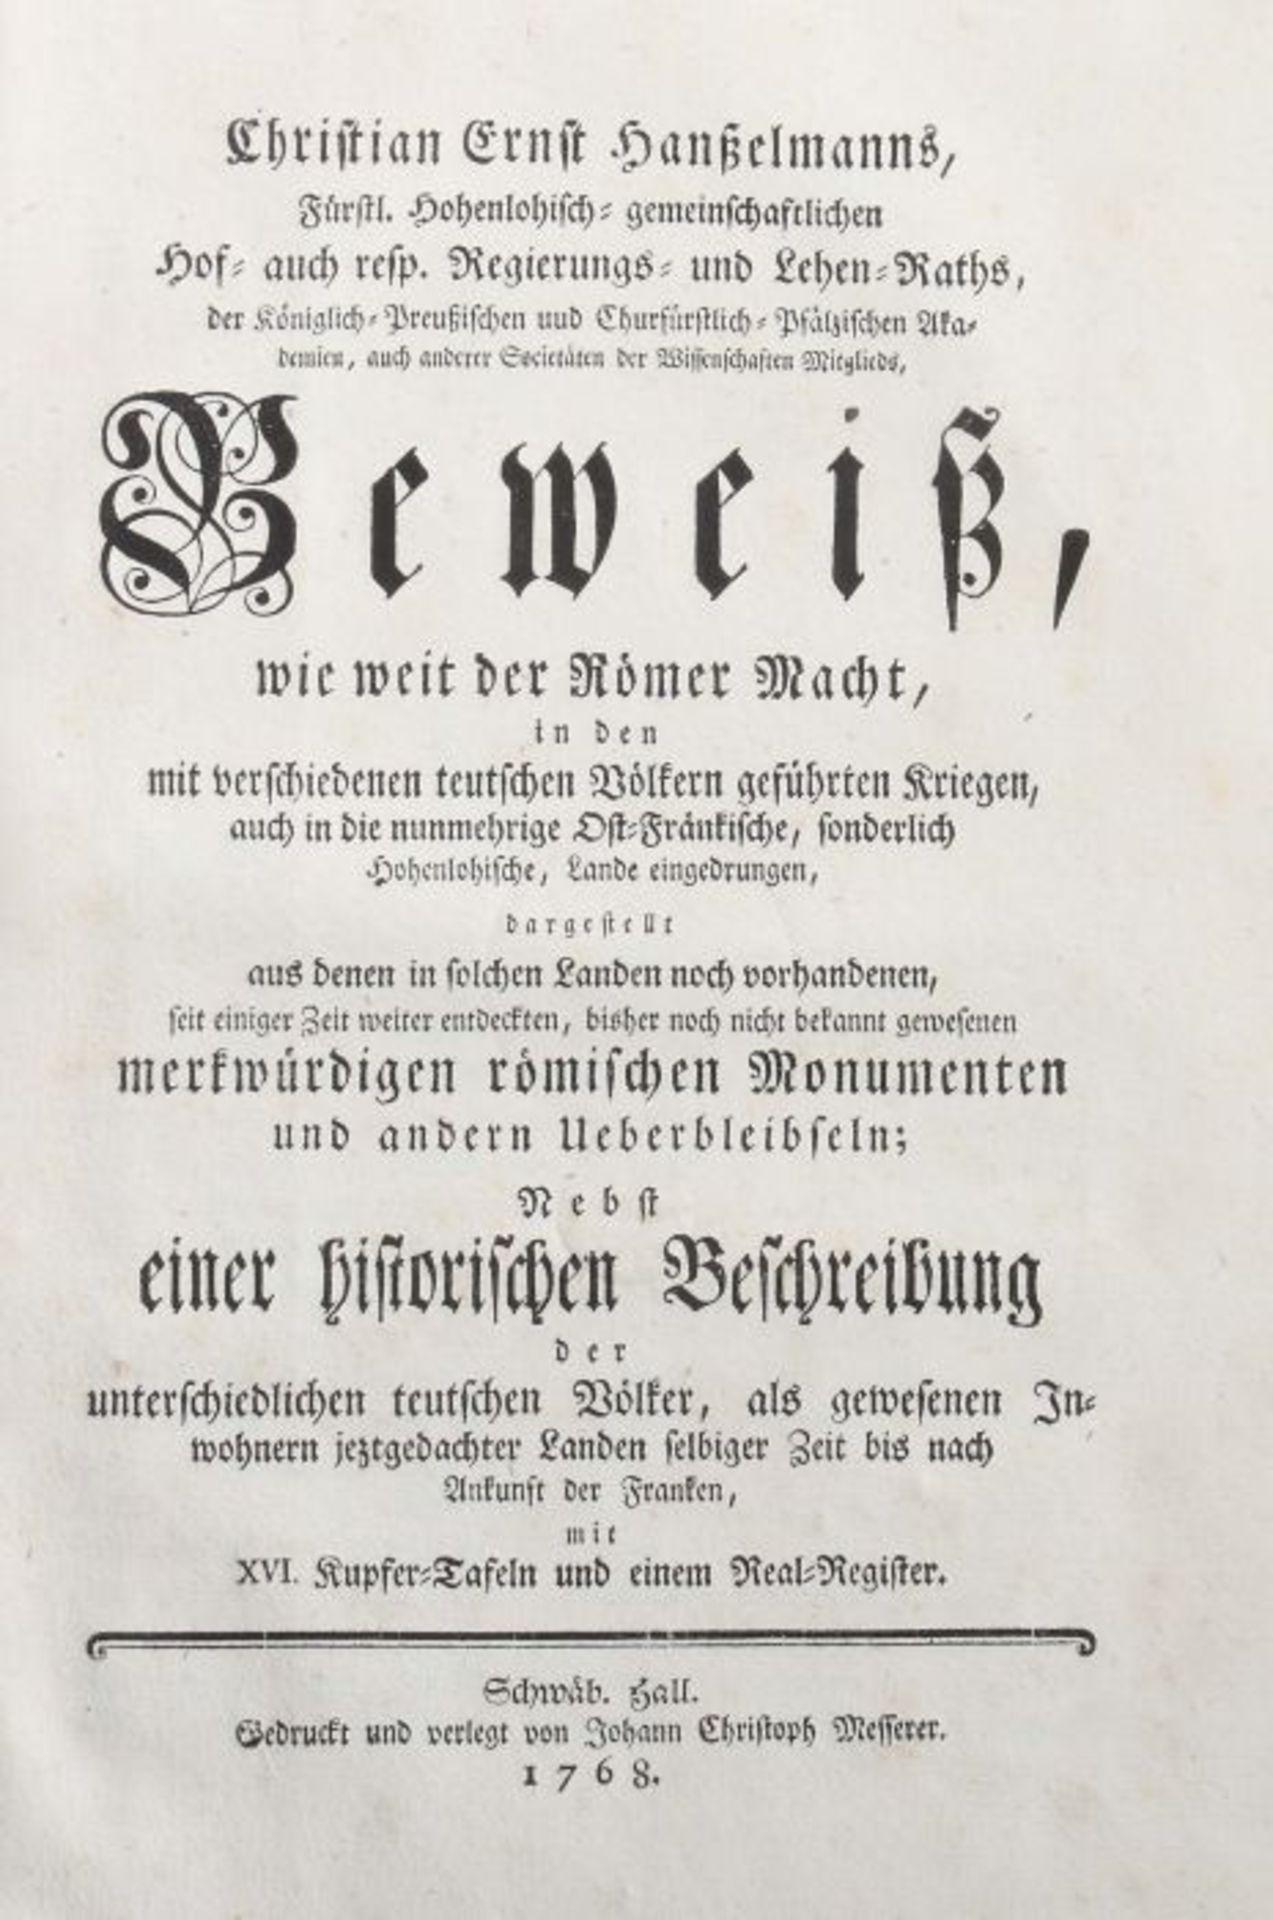 Hanßelmann, Christian Ernst Beweiß, wie weit der Römer Macht in den mit verschiedenen teutschen - Bild 3 aus 4